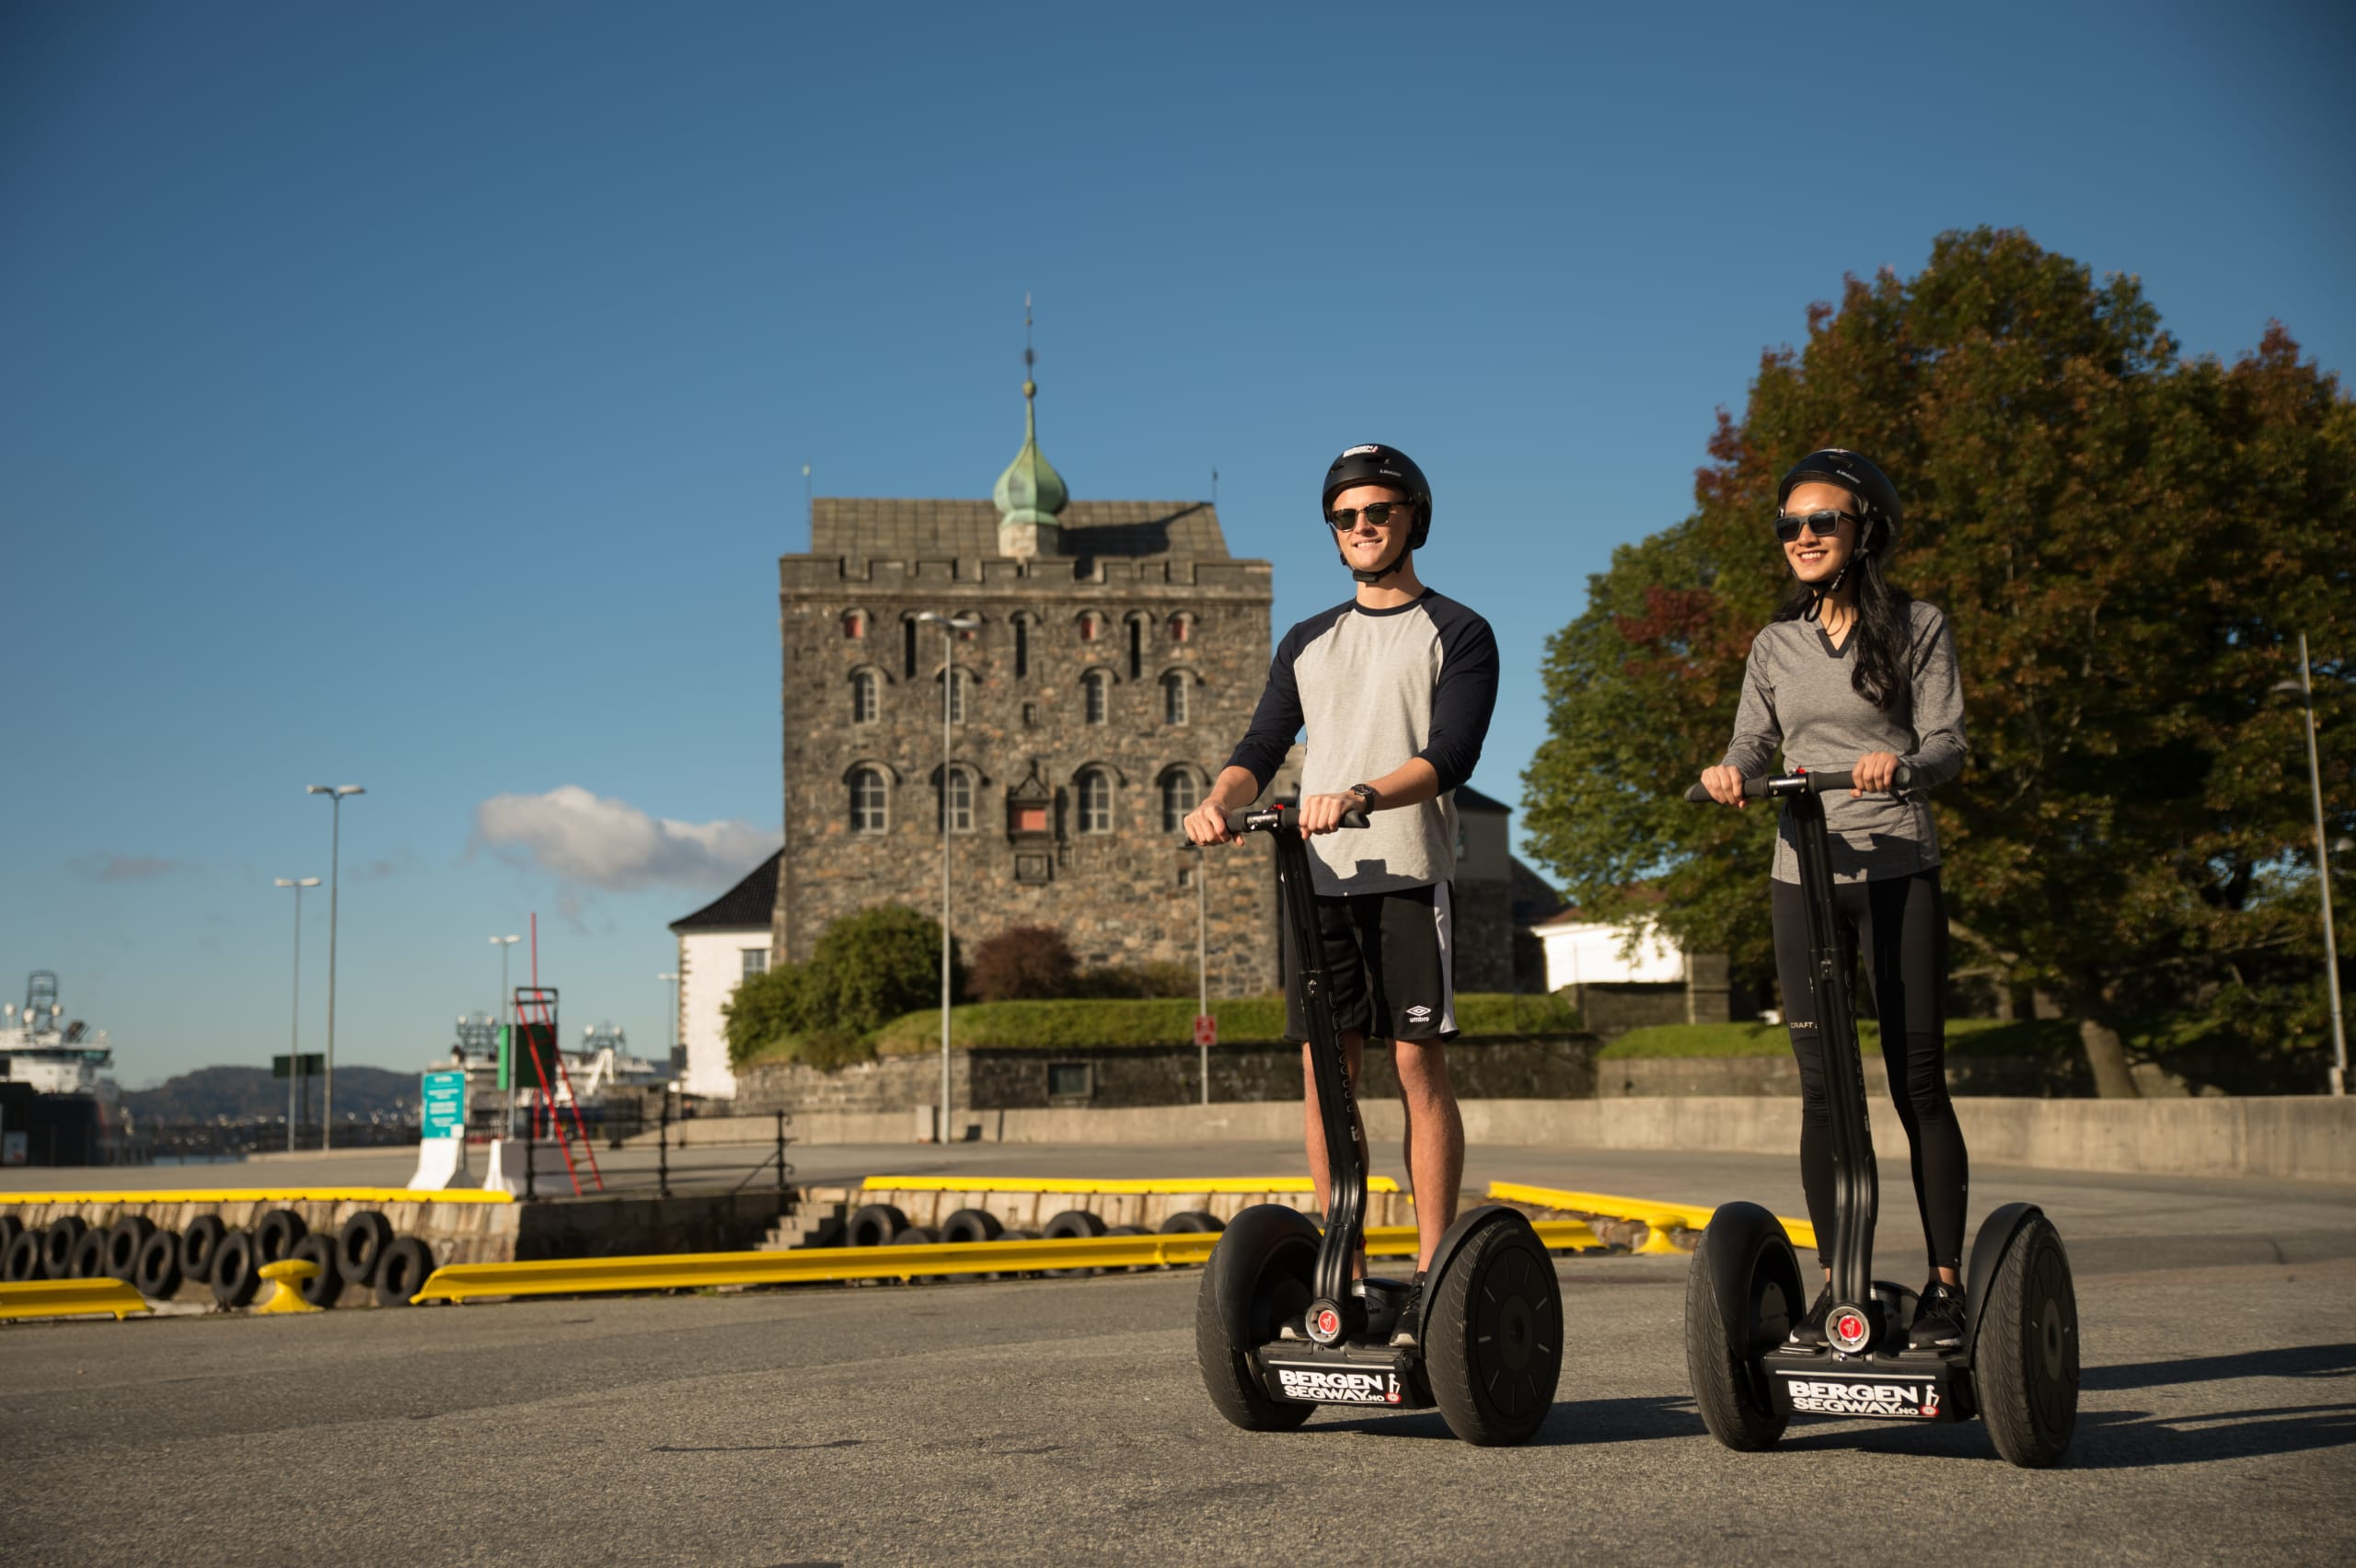 Segway tour in Bergen